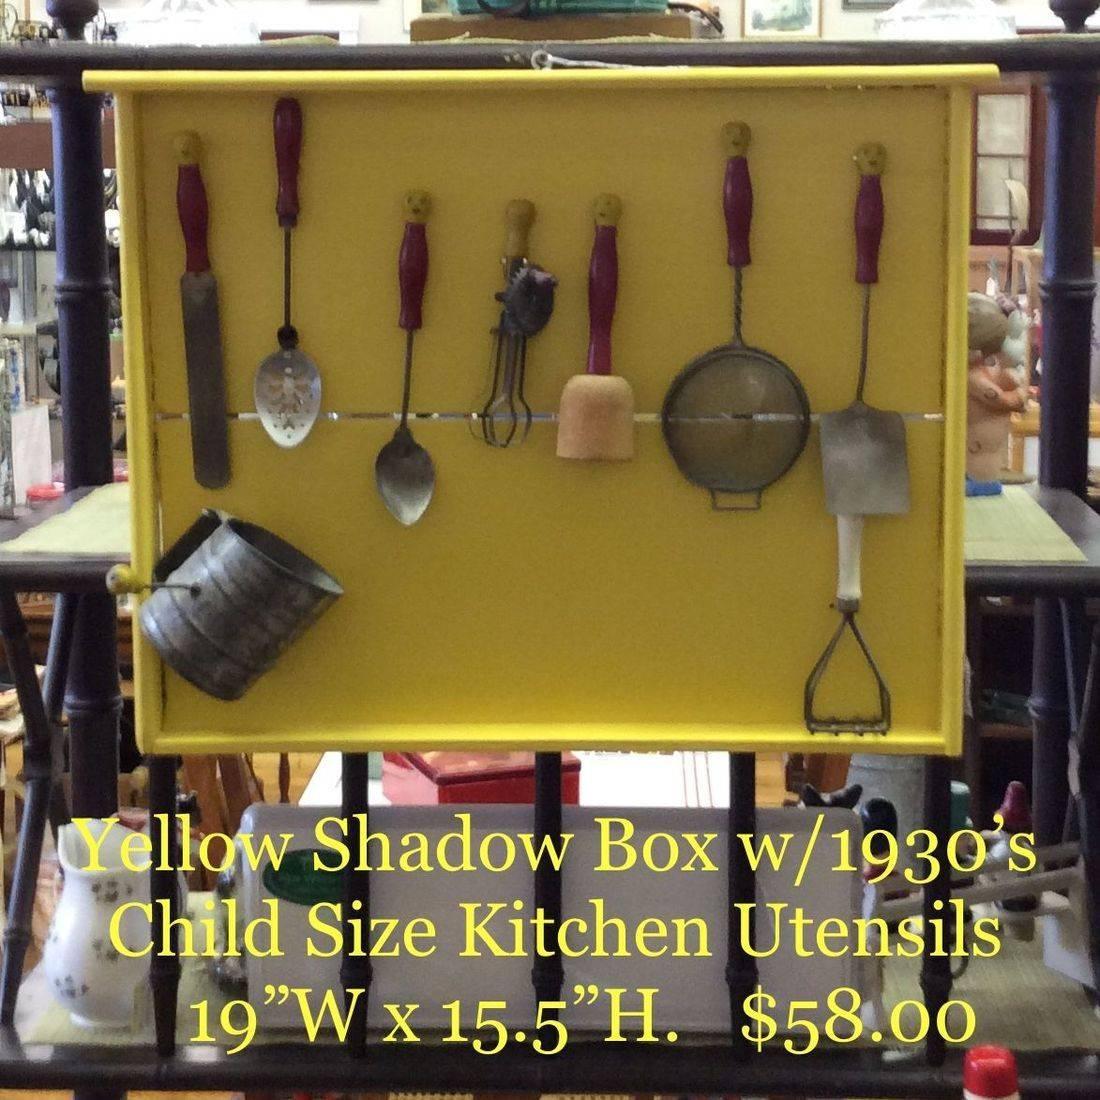 Yellow Shadow Box w/1930's Child Size Kitchen Utensils   $58.00